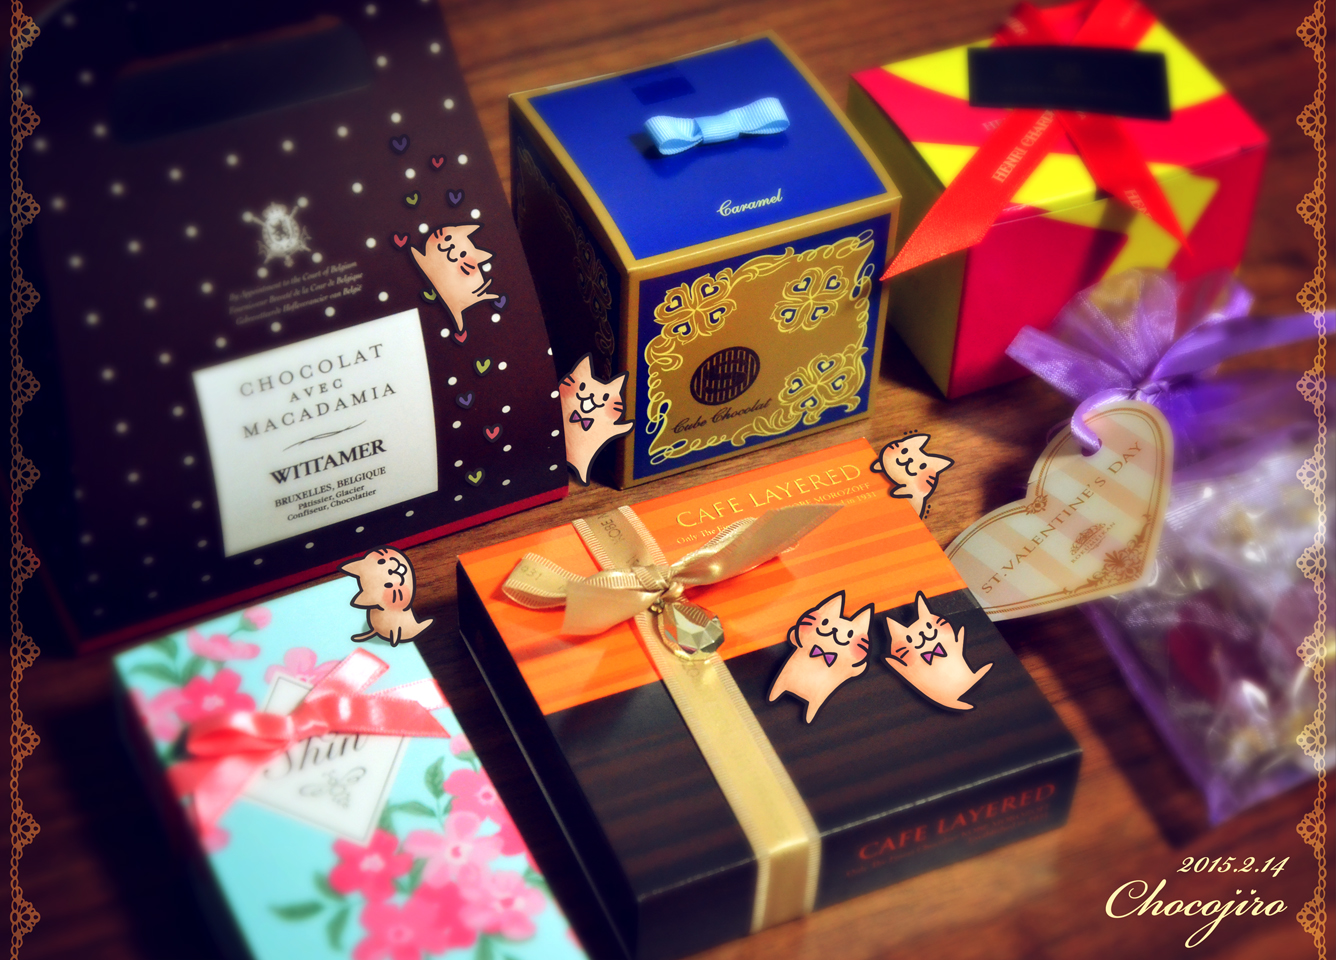 チョコレートとちょこじろーの世界